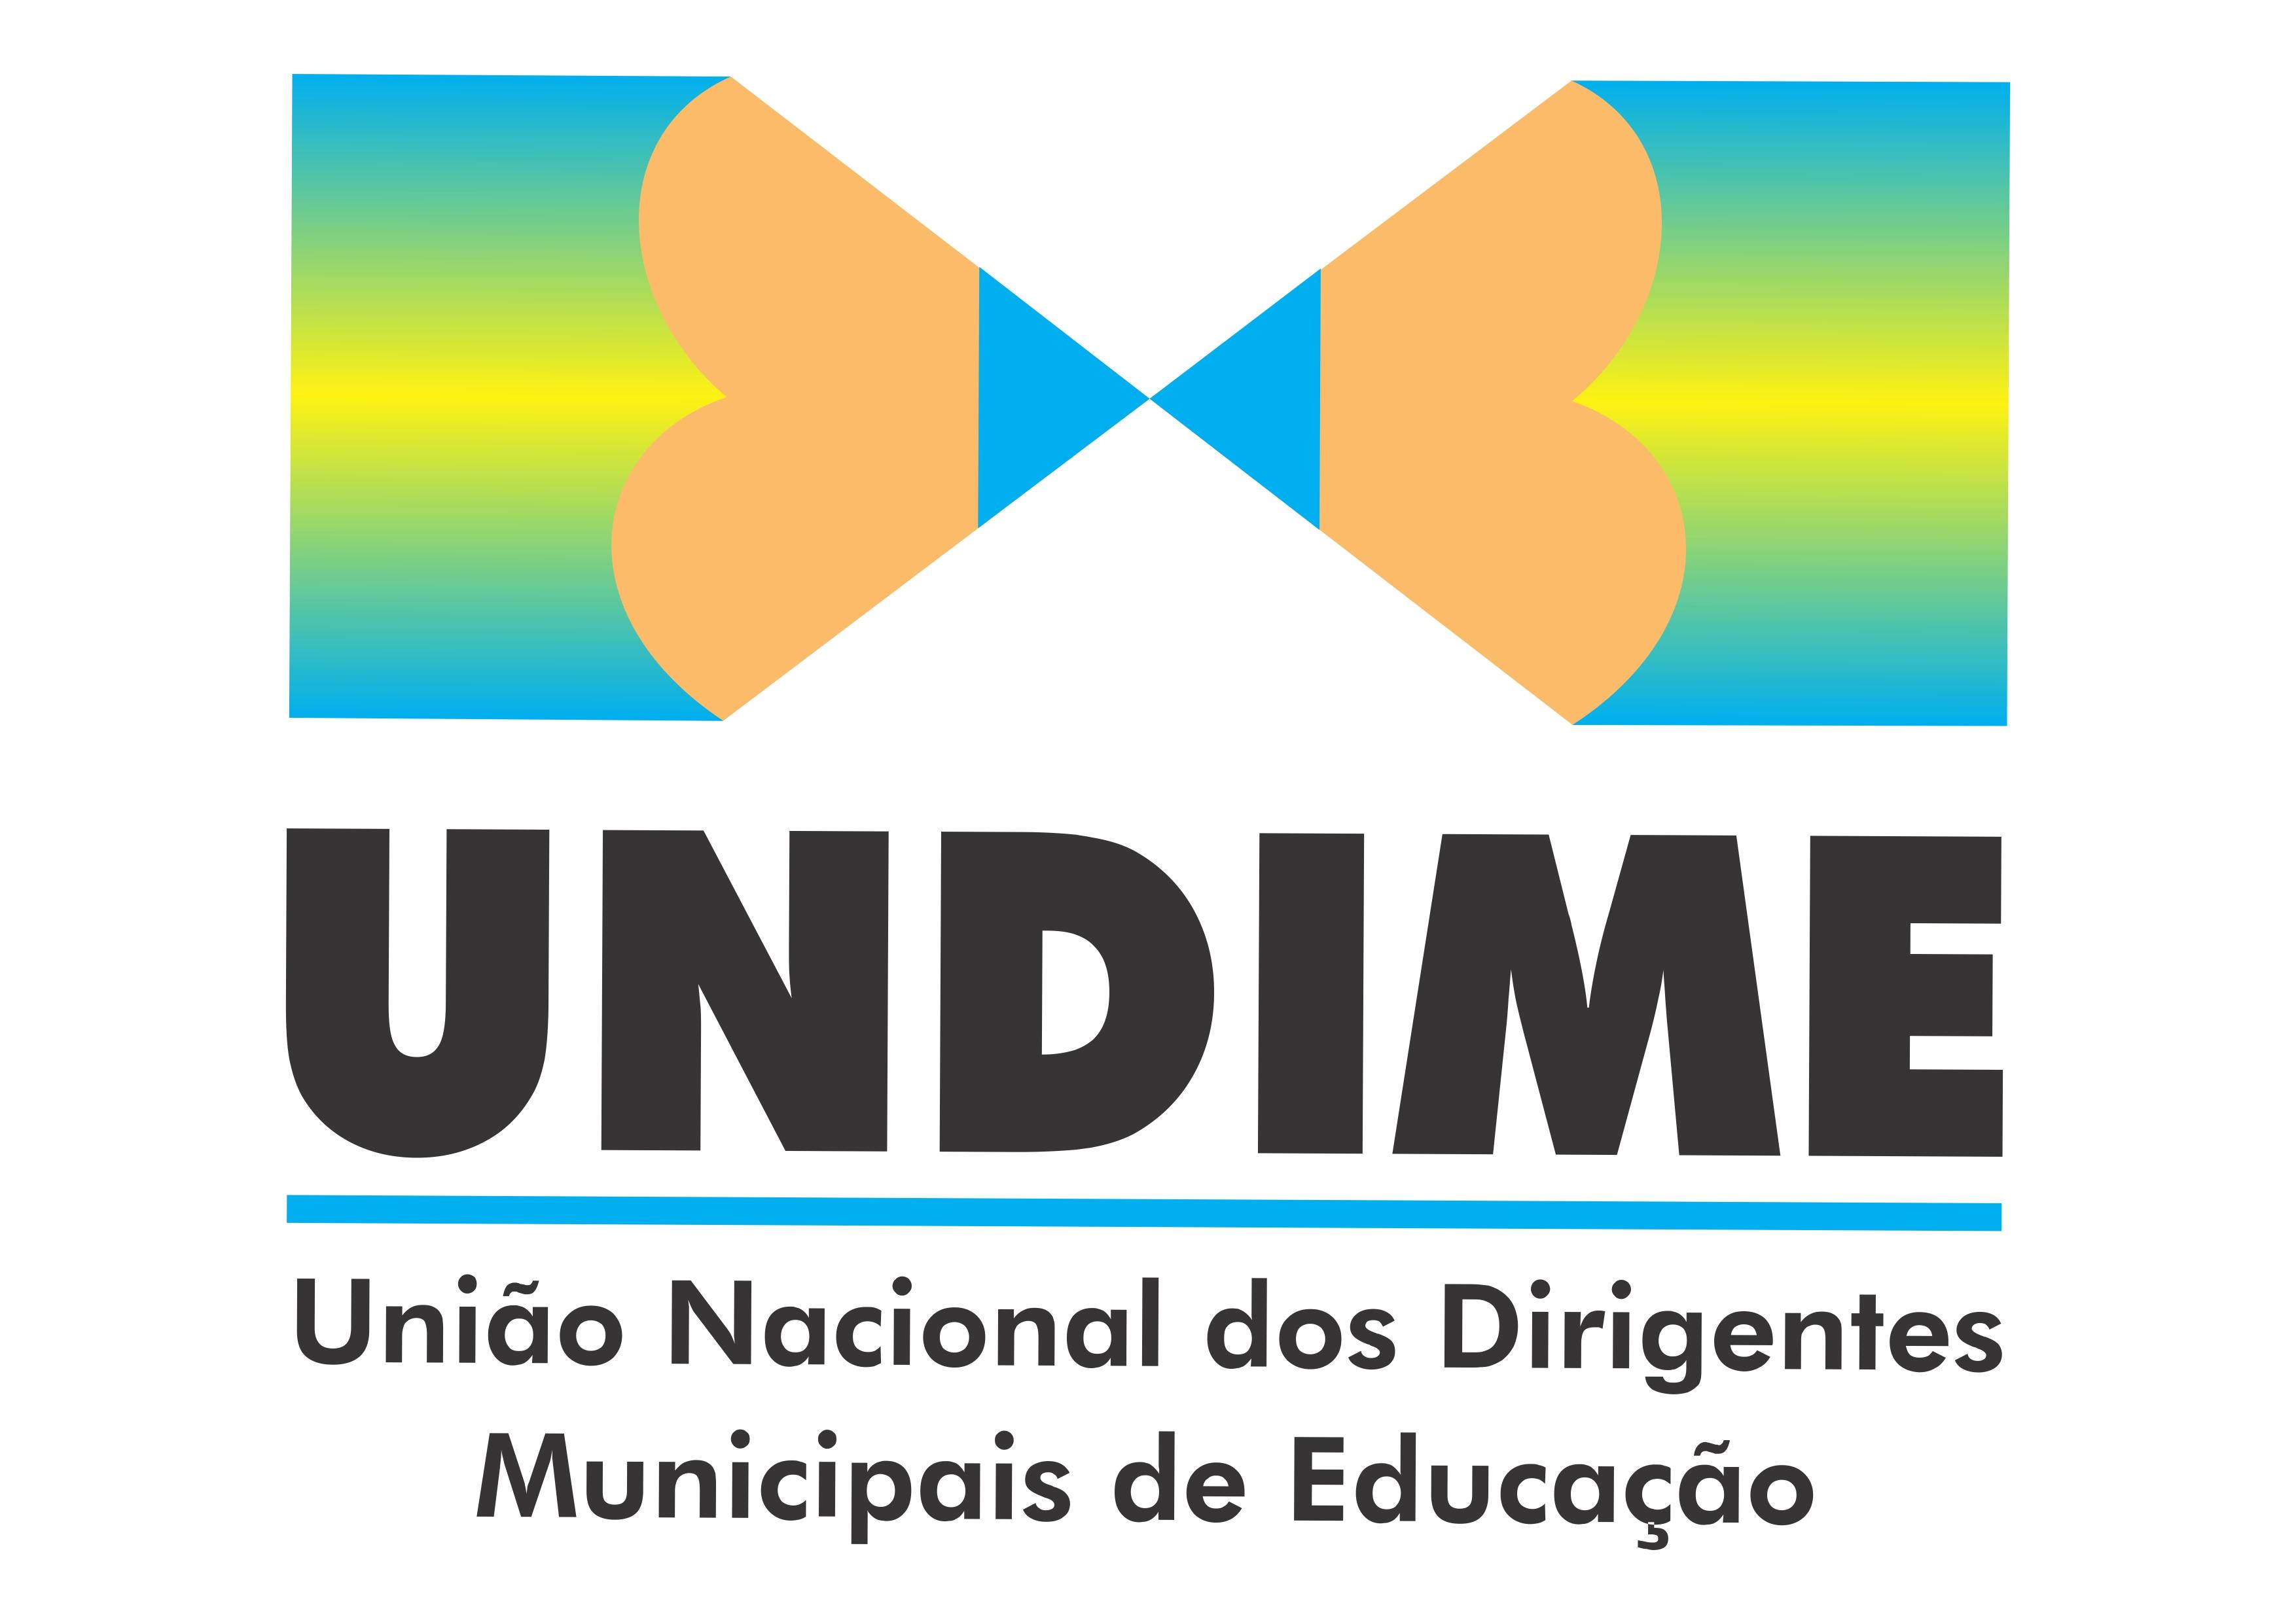 Undime - União Nacional dos Dirigentes Municipais de Educação